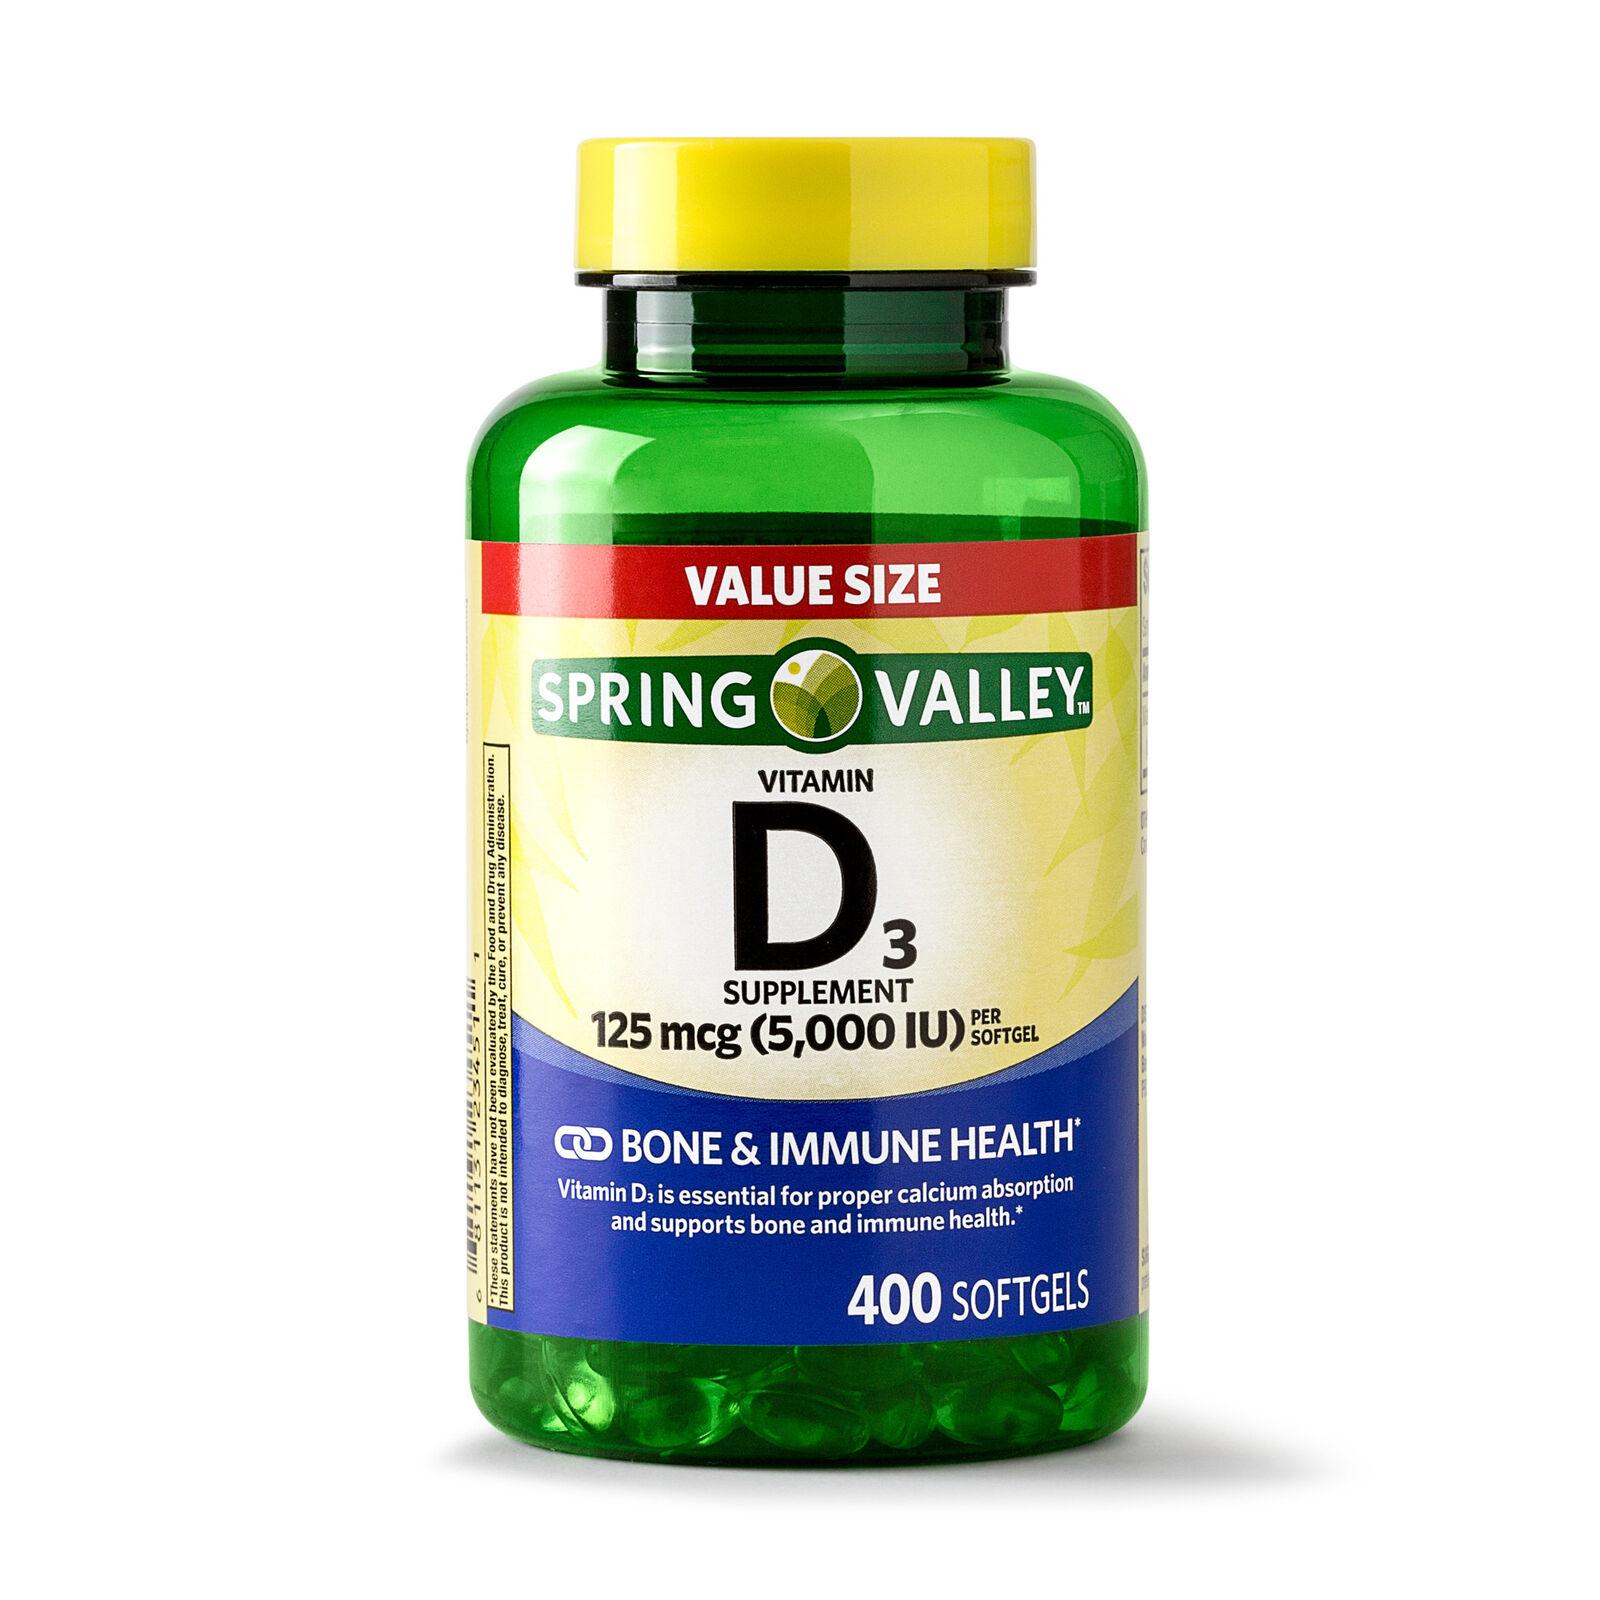 Spring Valley Vitamin D3 125 mcg , 400 Softgels